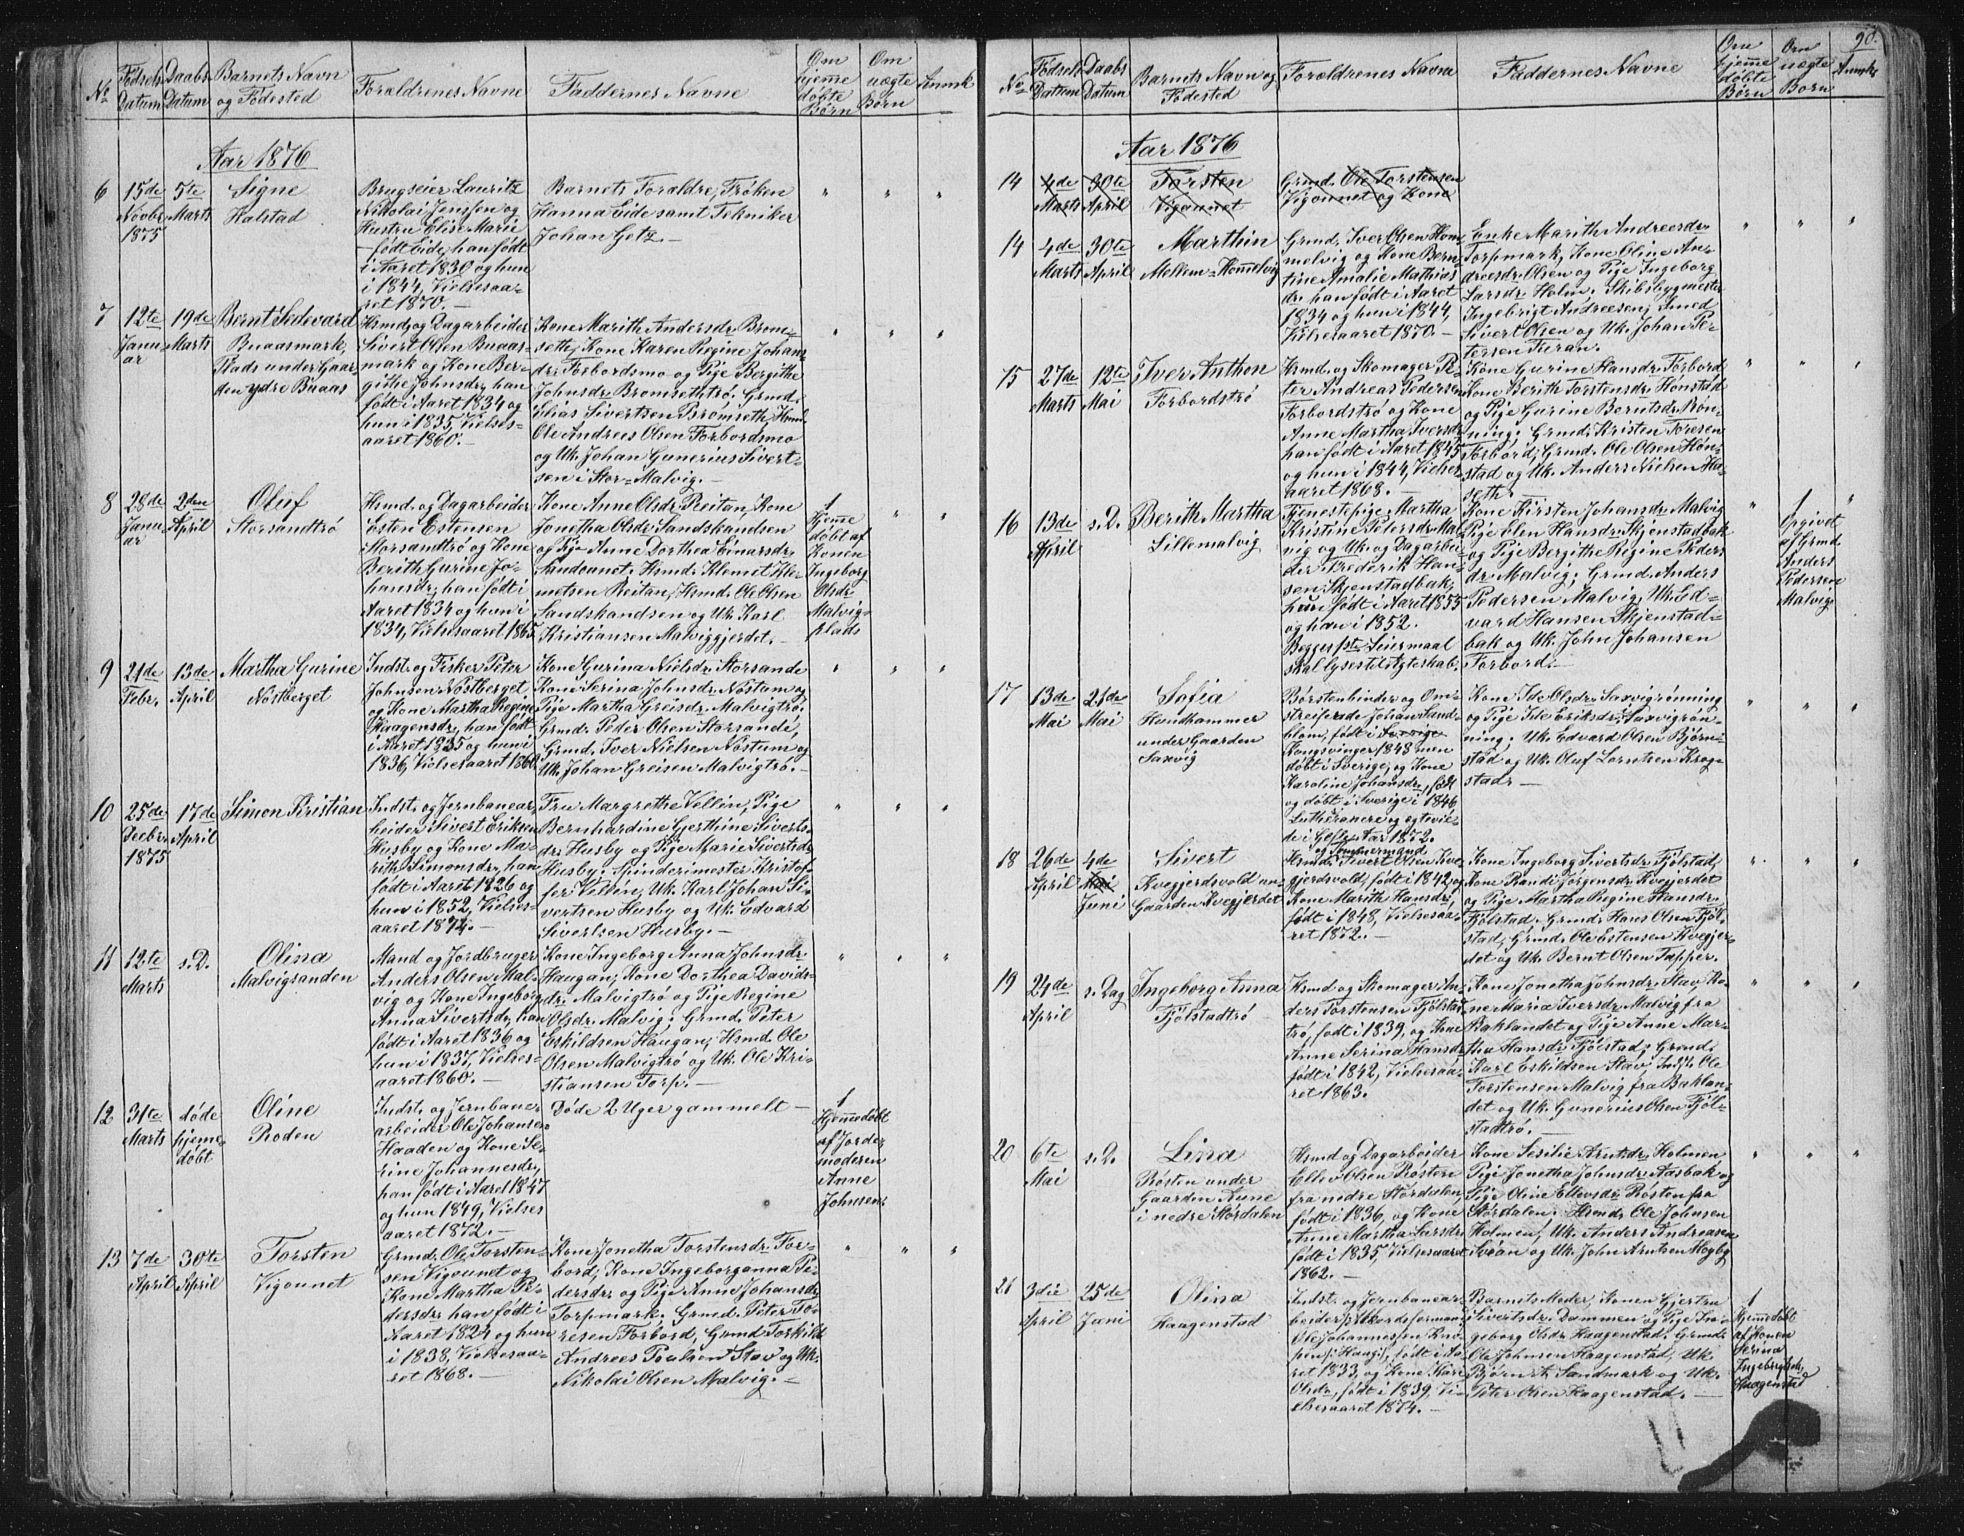 SAT, Ministerialprotokoller, klokkerbøker og fødselsregistre - Sør-Trøndelag, 616/L0406: Ministerialbok nr. 616A03, 1843-1879, s. 90